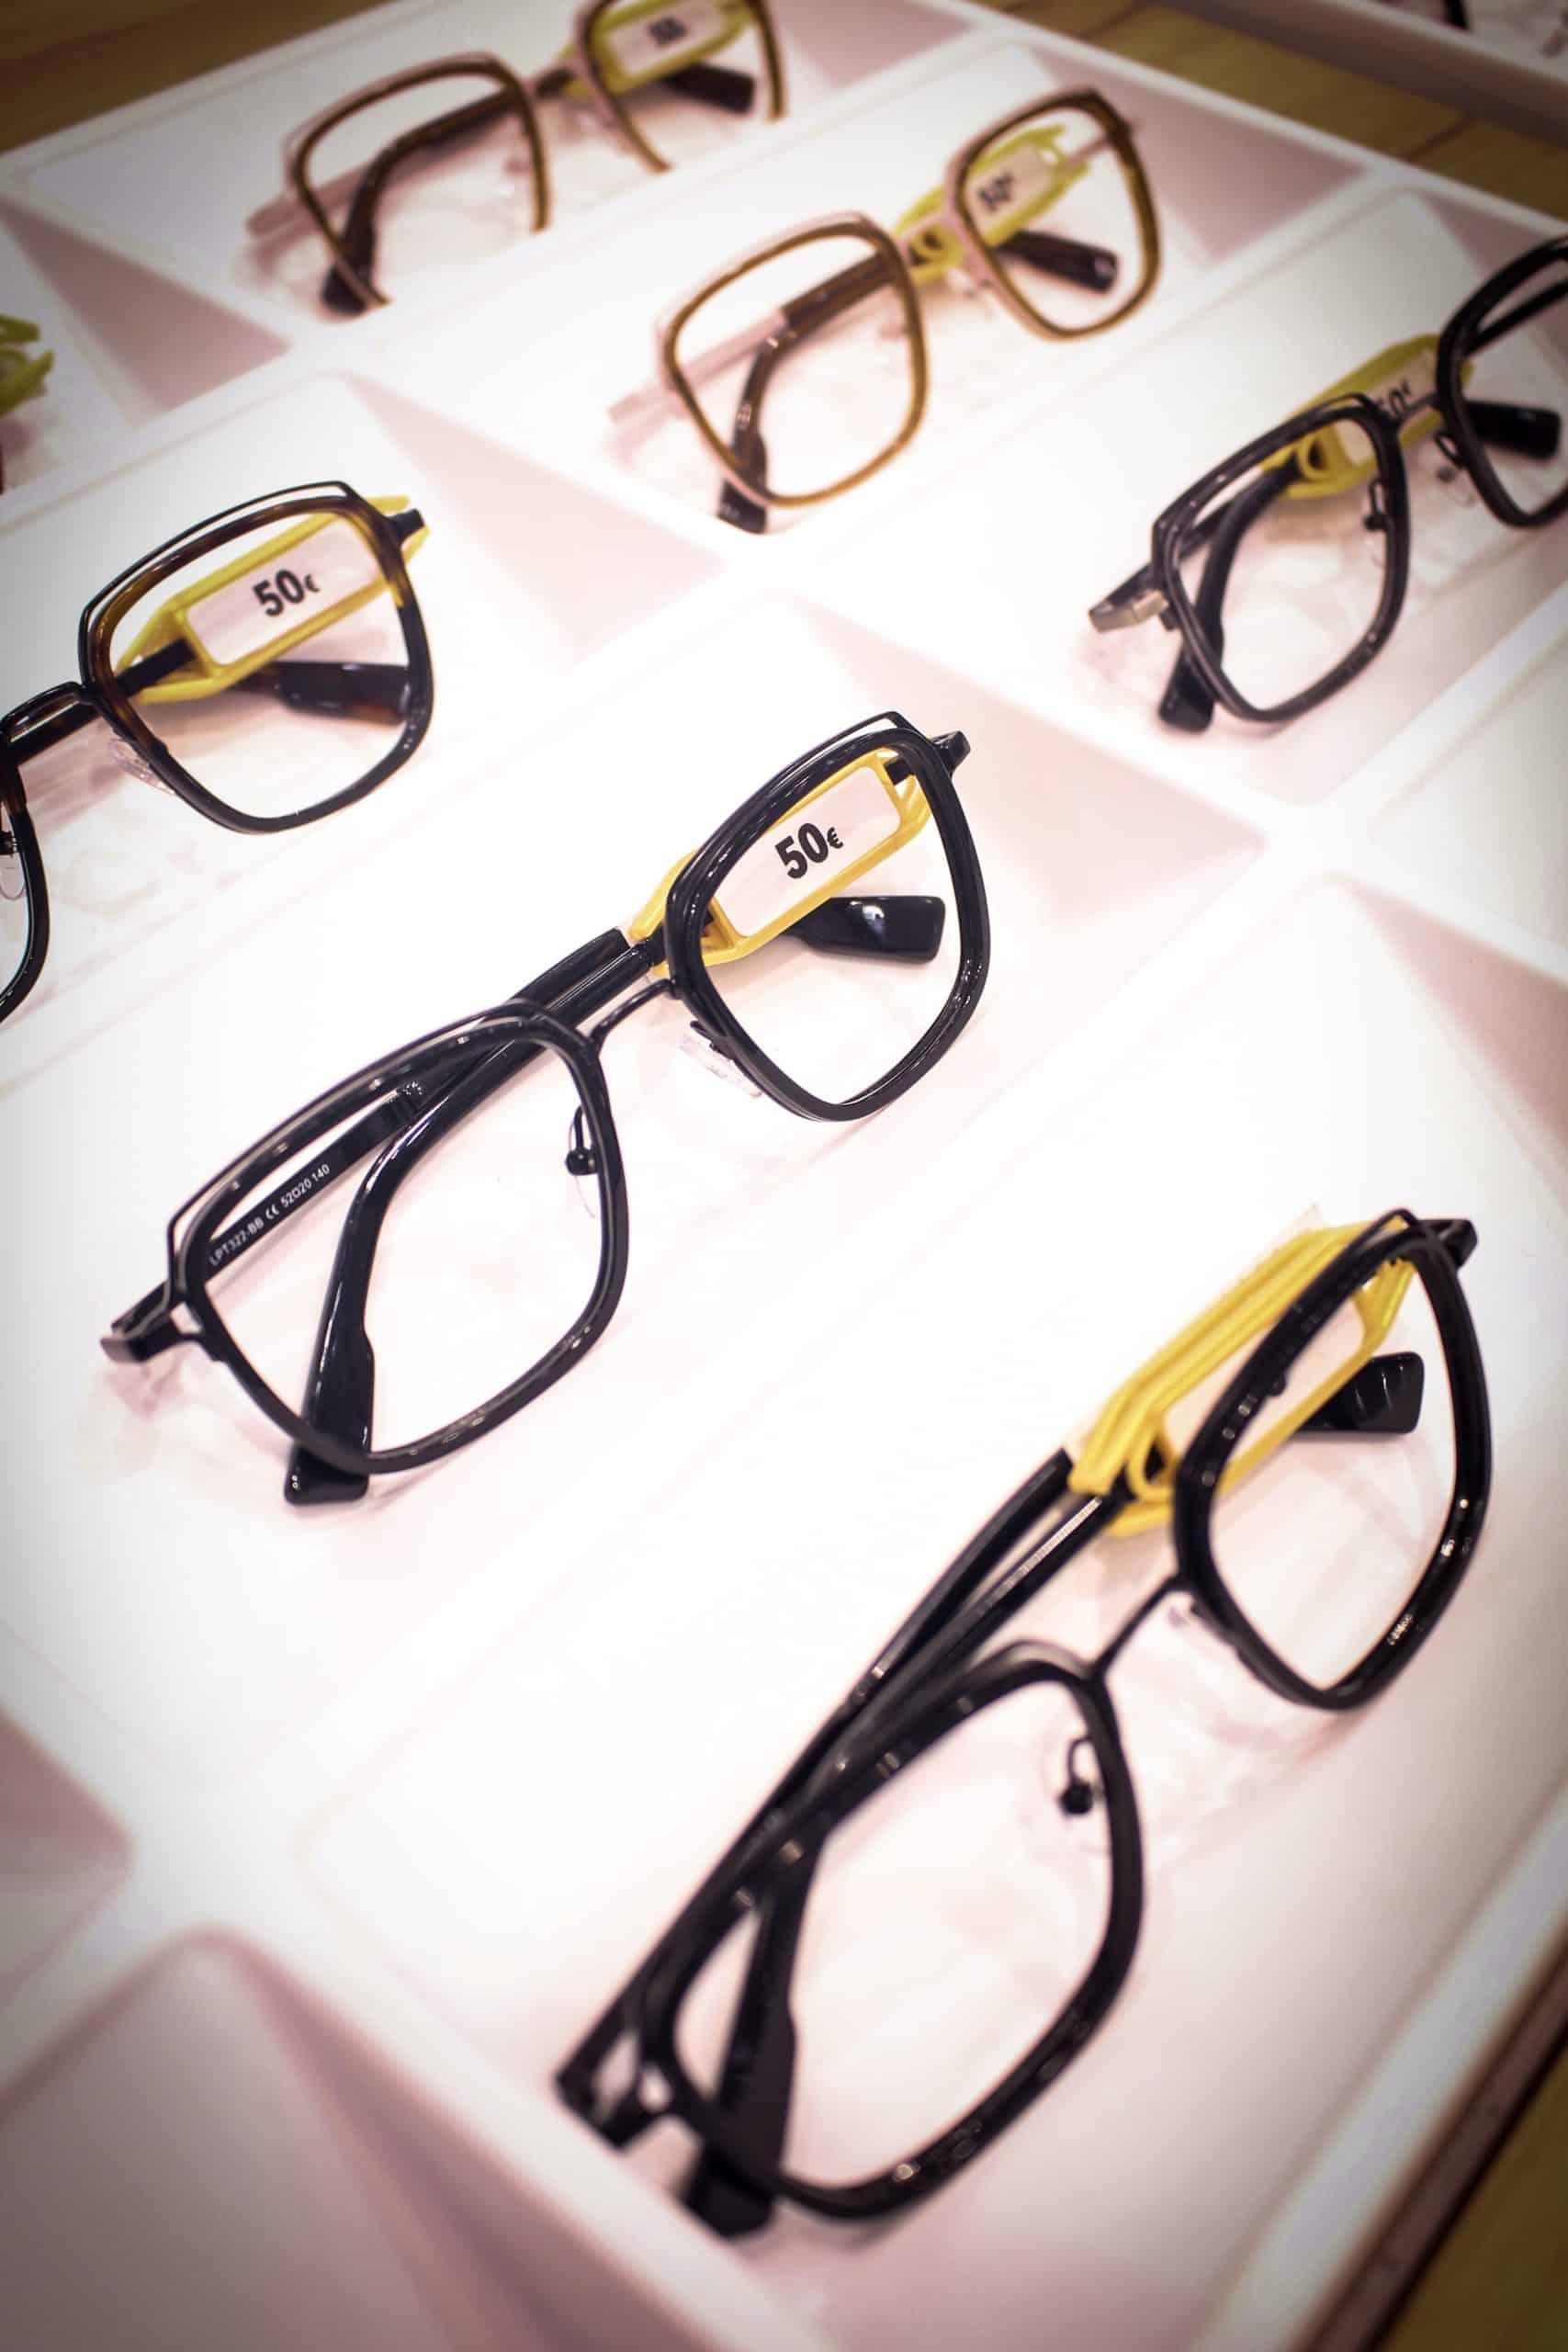 glasses options at lunettes pour tous